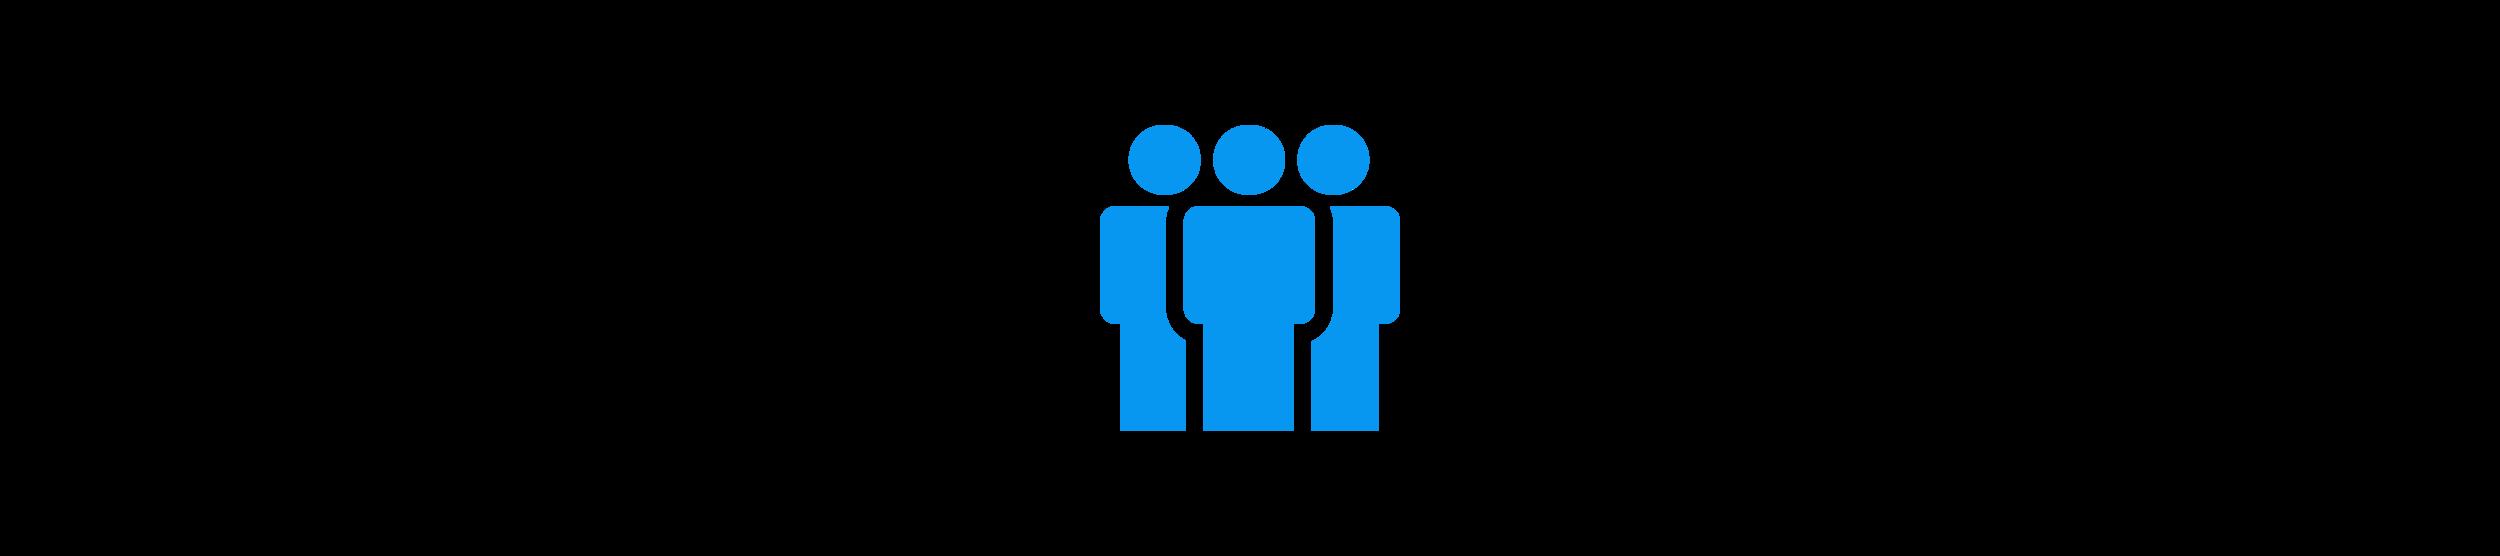 WEBSITE - public workshops LOGO - BLUE.png